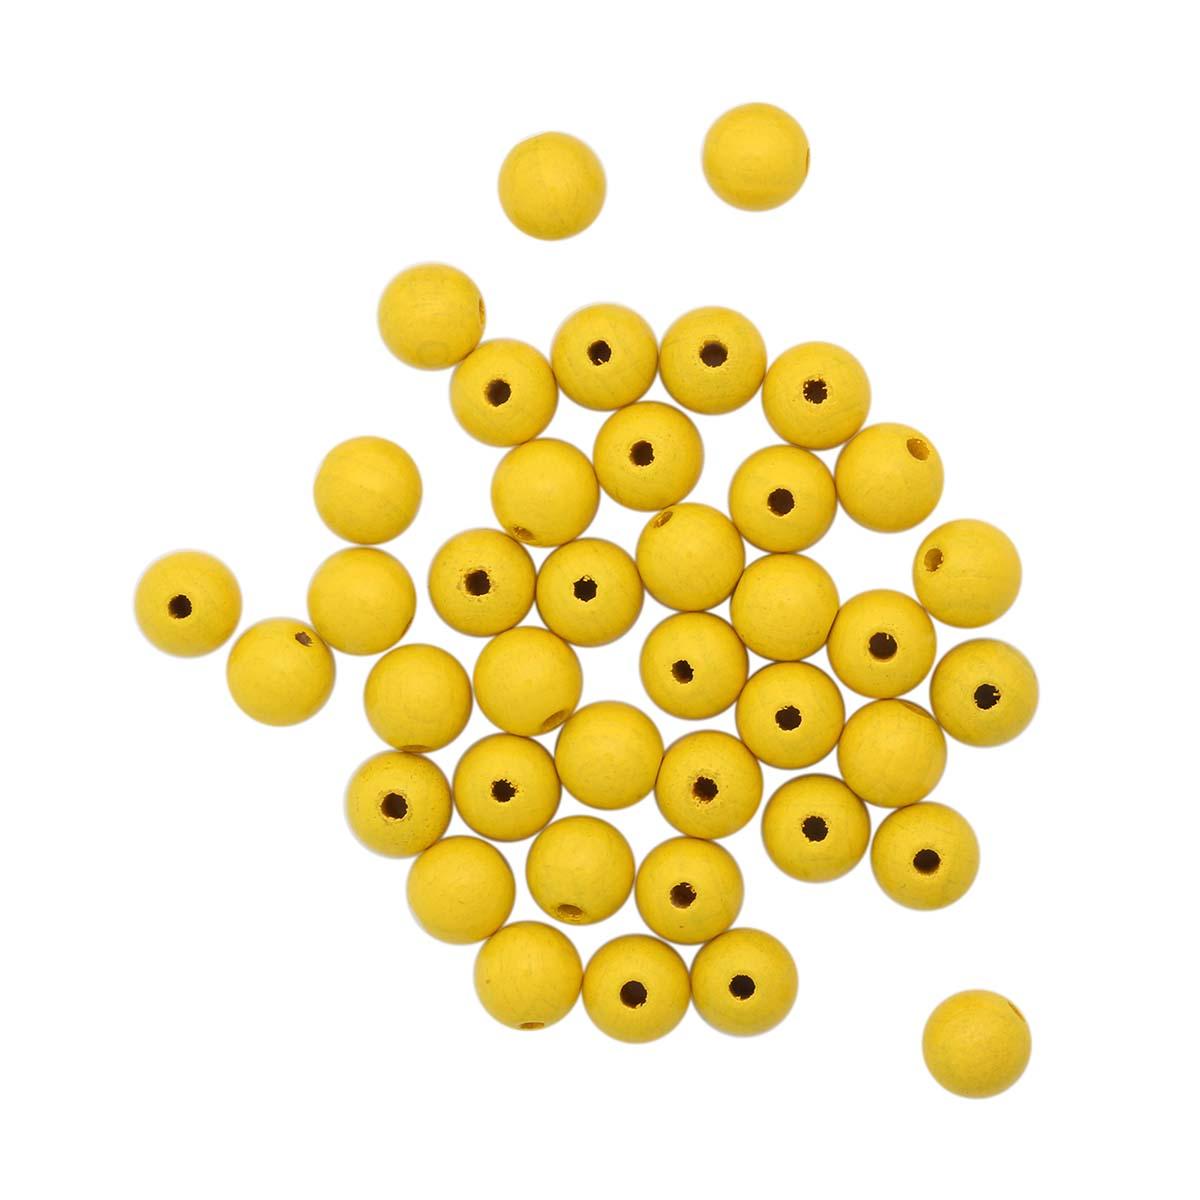 61654003 Бусины деревянные, желтый, 10 мм, упак./47 шт., Glorex